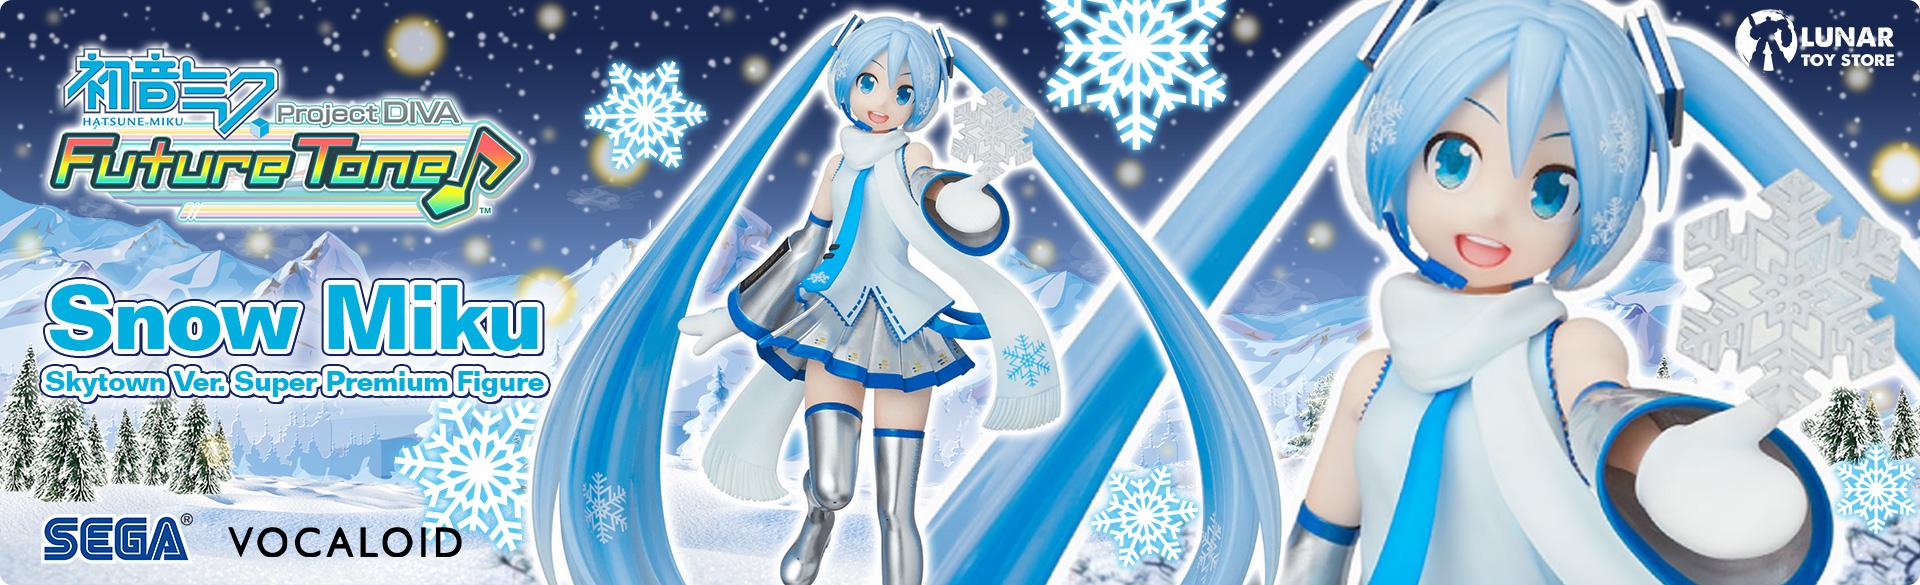 Hatsune Miku Snow Miku Skytown